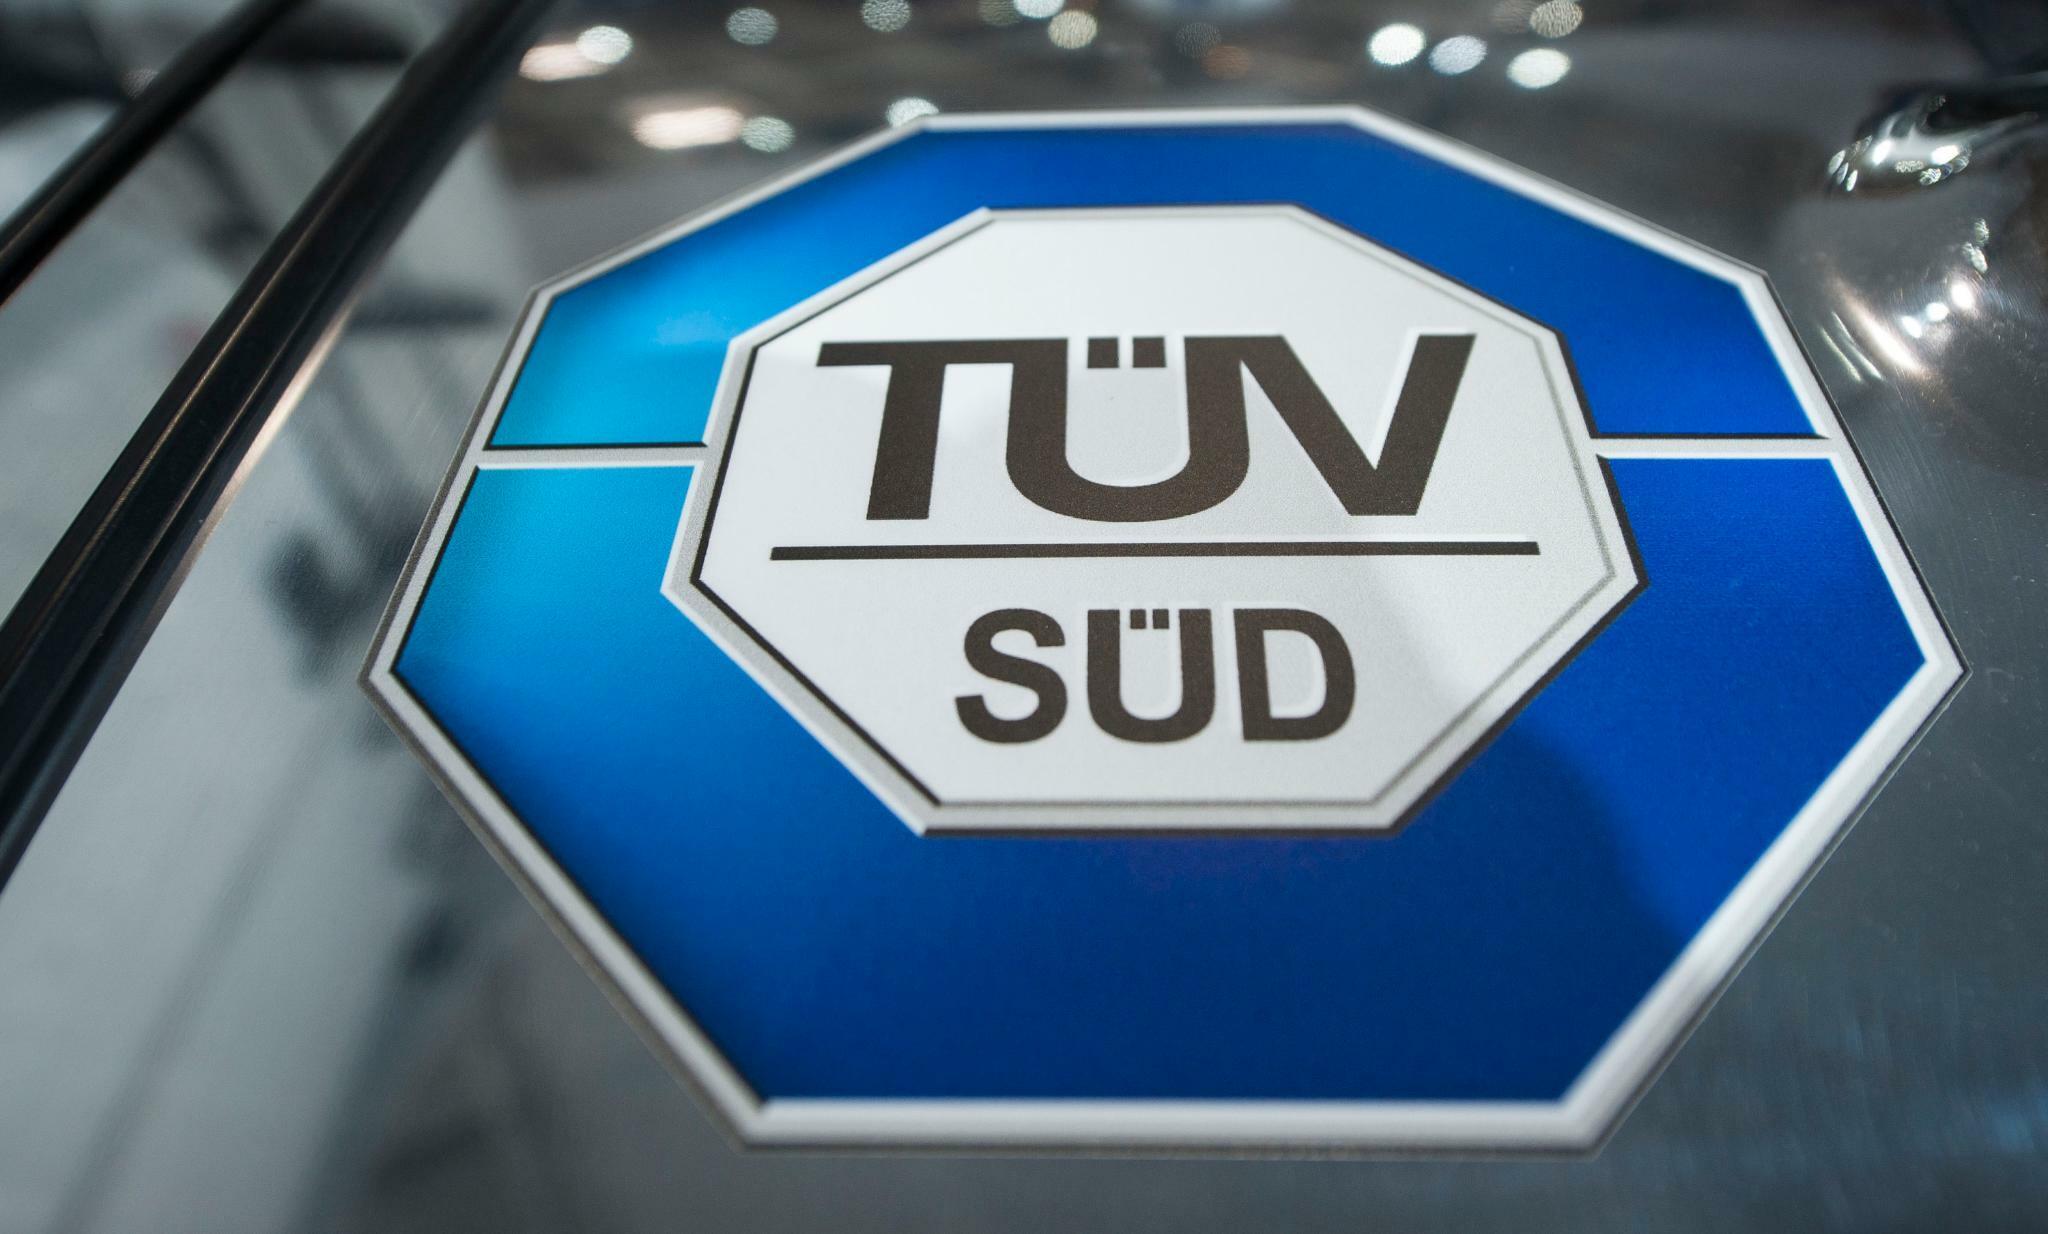 Bergbauunglück: TÜV Süd und Manager nach Dammbruch in Brasilien angezeigt